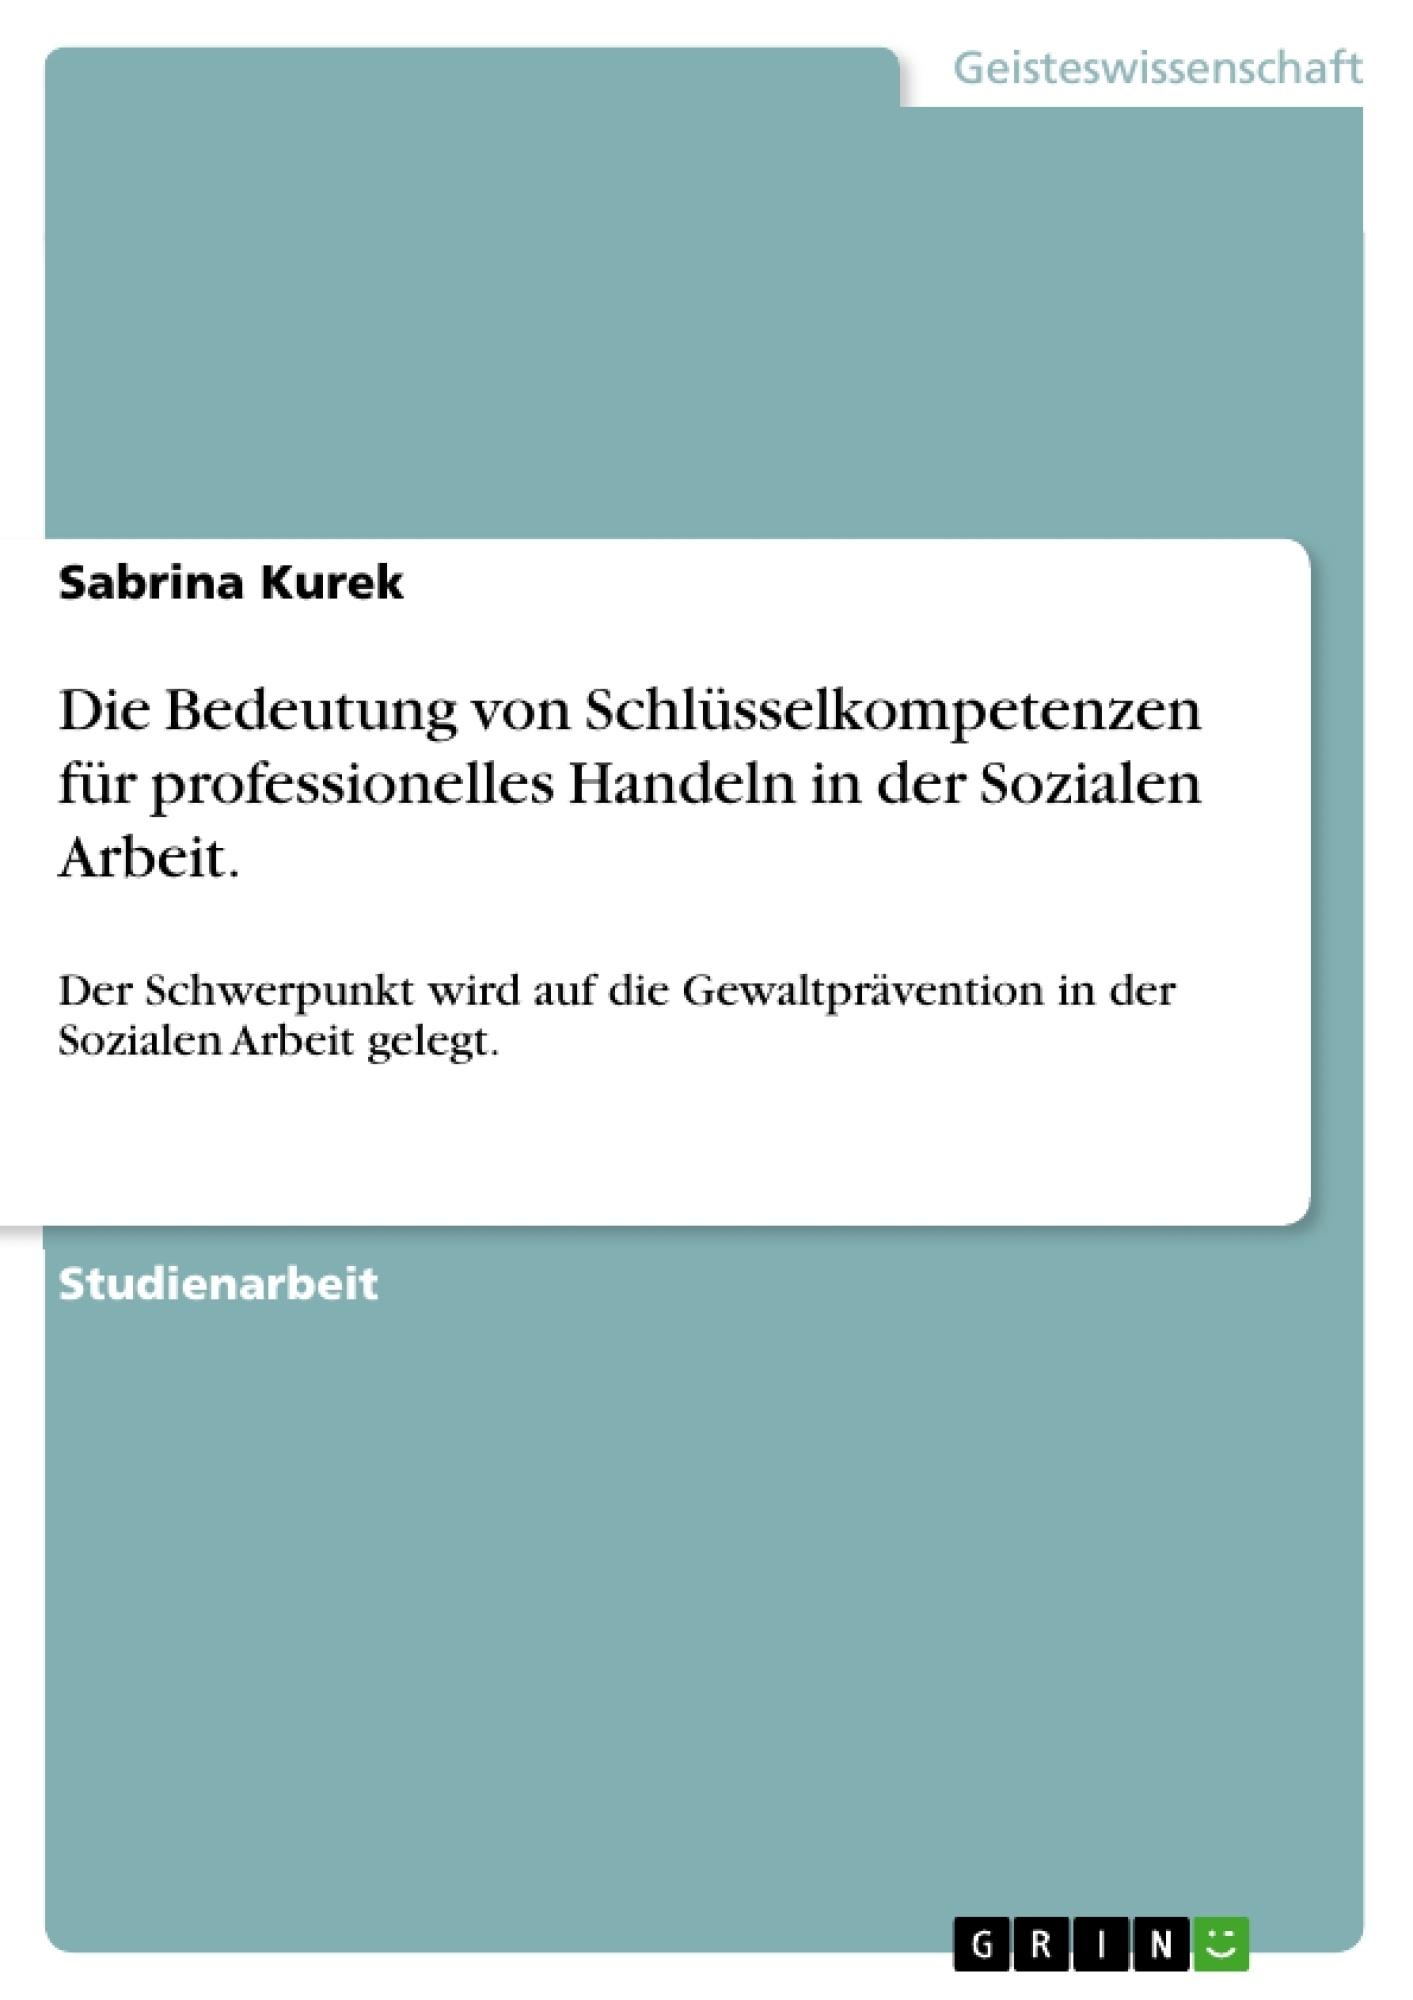 Titel: Die Bedeutung von Schlüsselkompetenzen für professionelles Handeln in der Sozialen Arbeit.